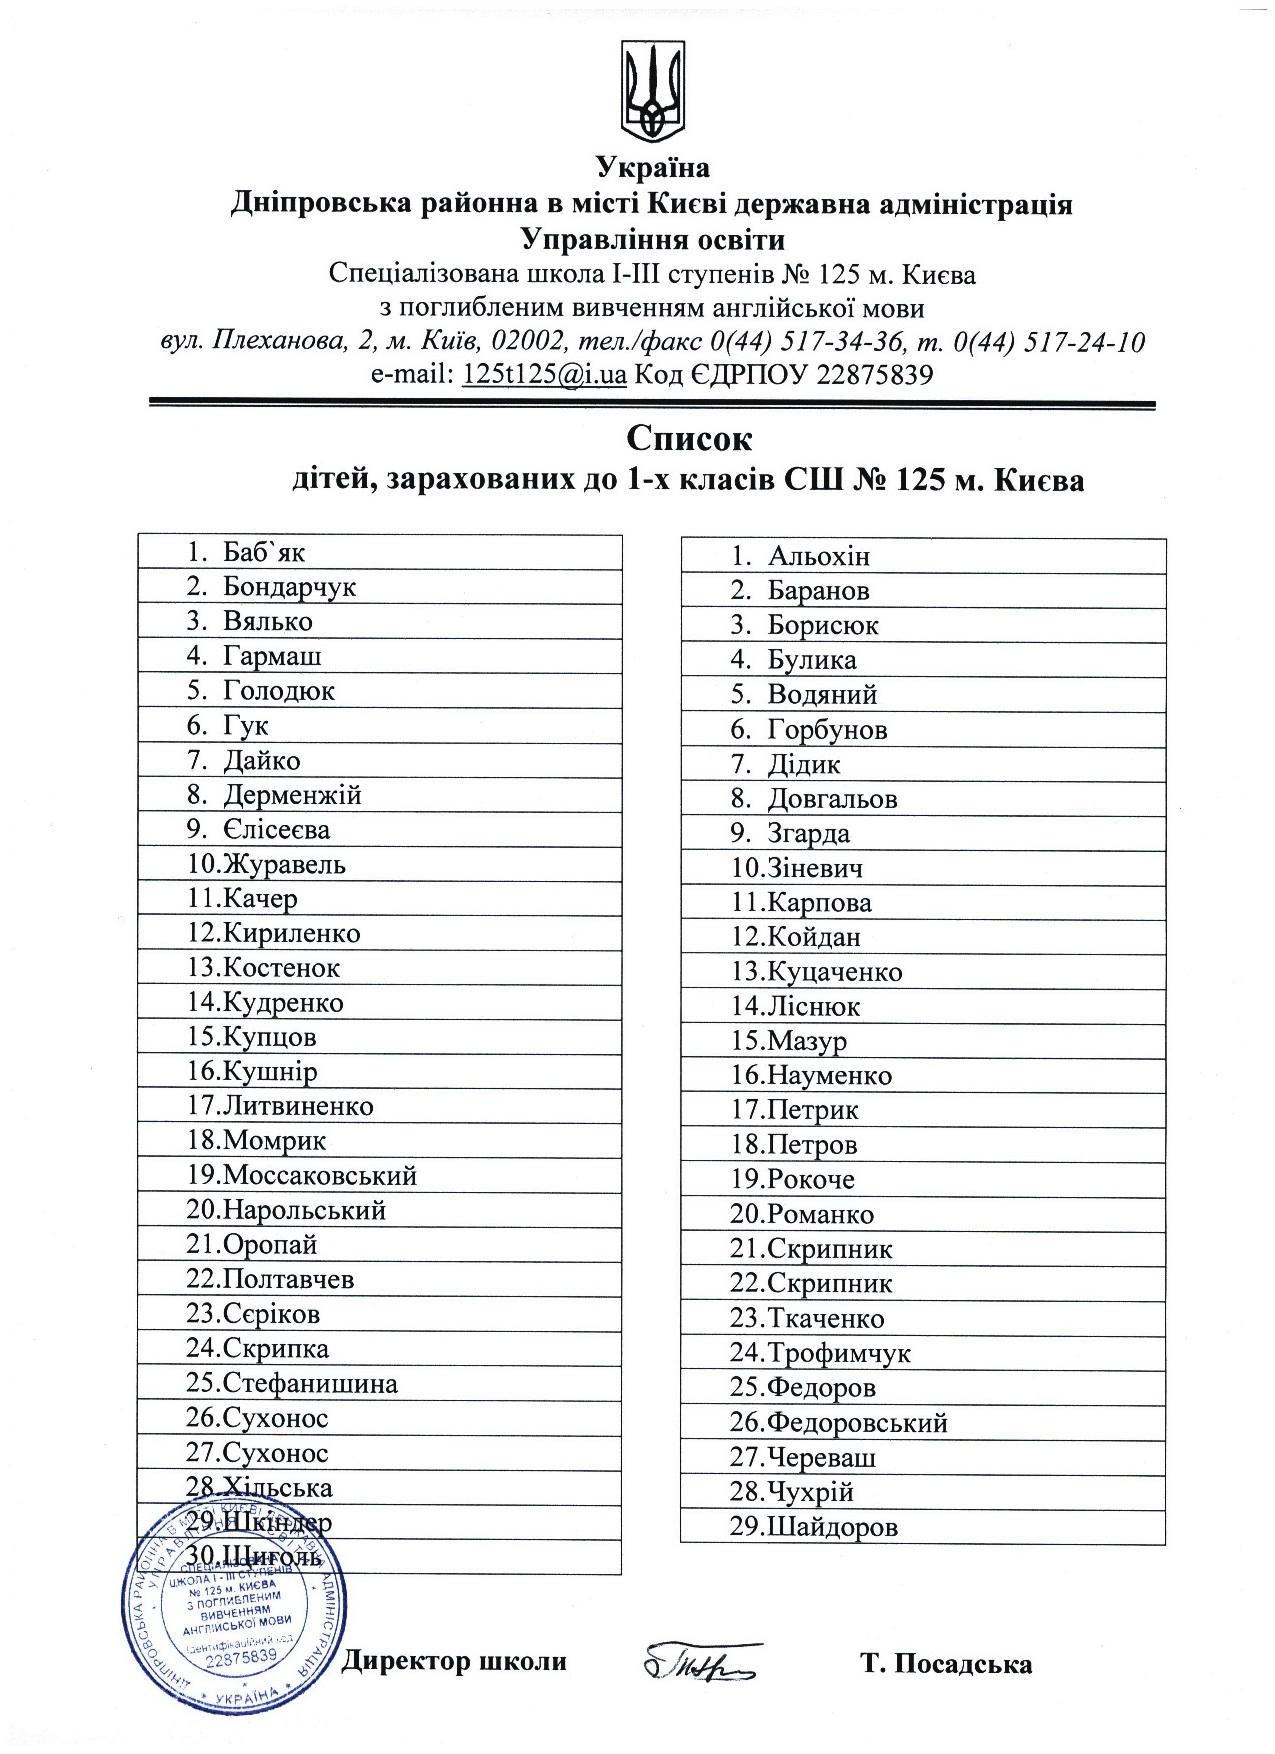 Список 1-х класів 2018-19